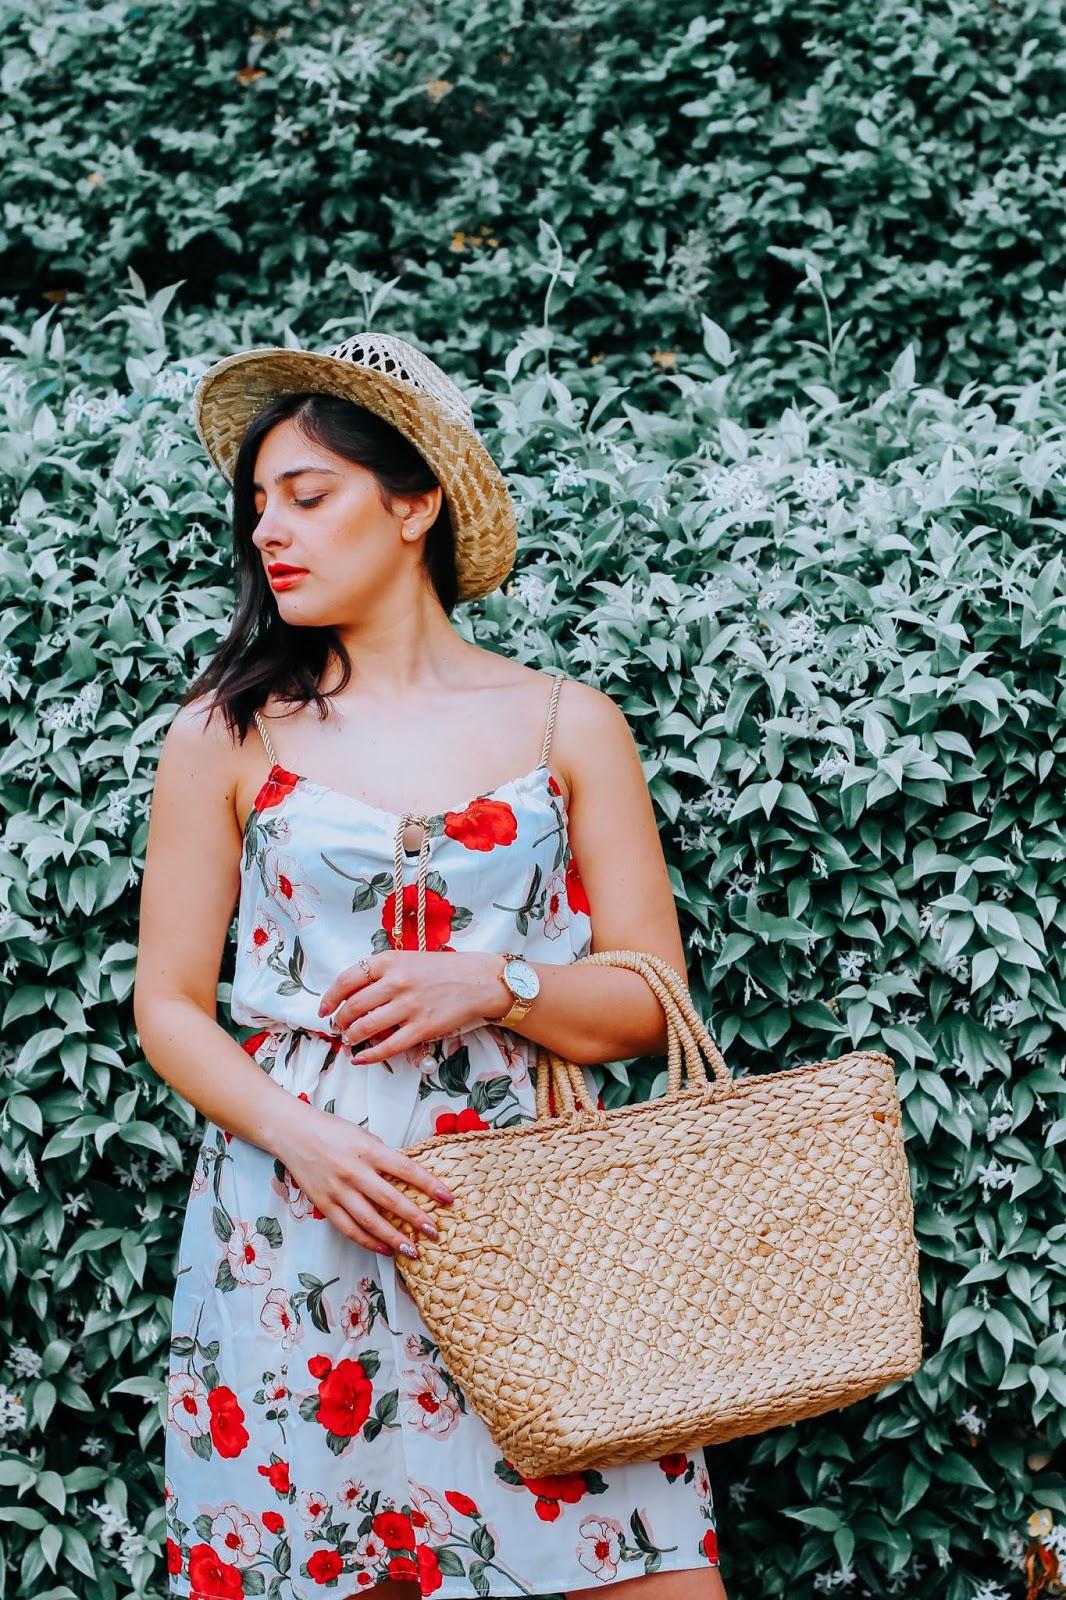 ragazza vestito fiori e cappello di paglia